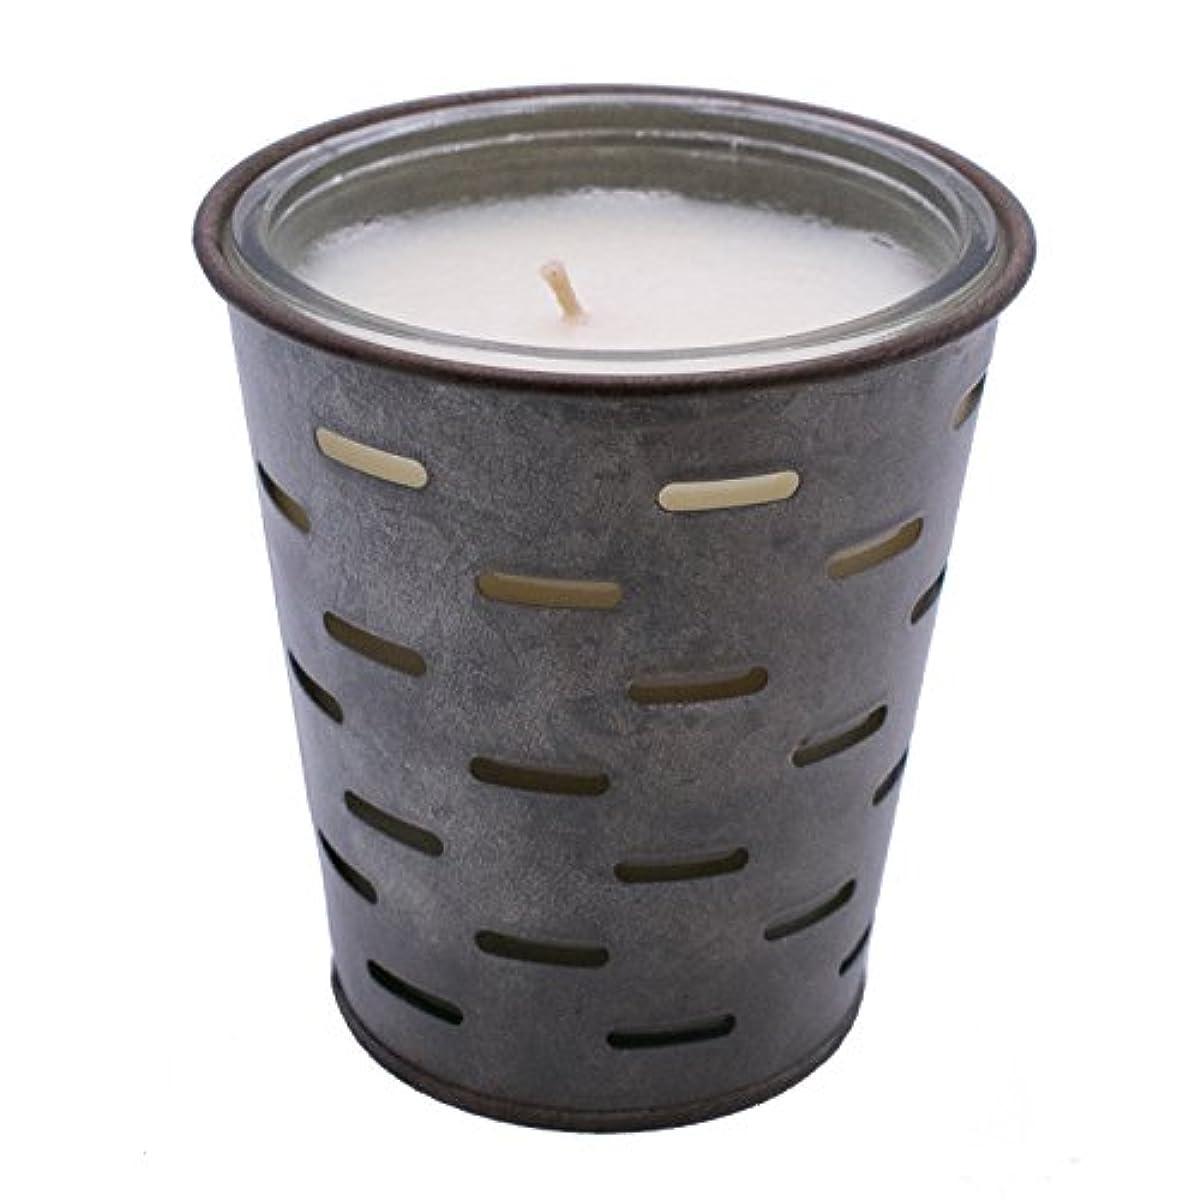 ちなみに連邦伝染性Sweetオリーブ、オリーブバケットFragrance Candle優れ、香り、ガラスJar in Tin Pot亜鉛メッキ、13oz